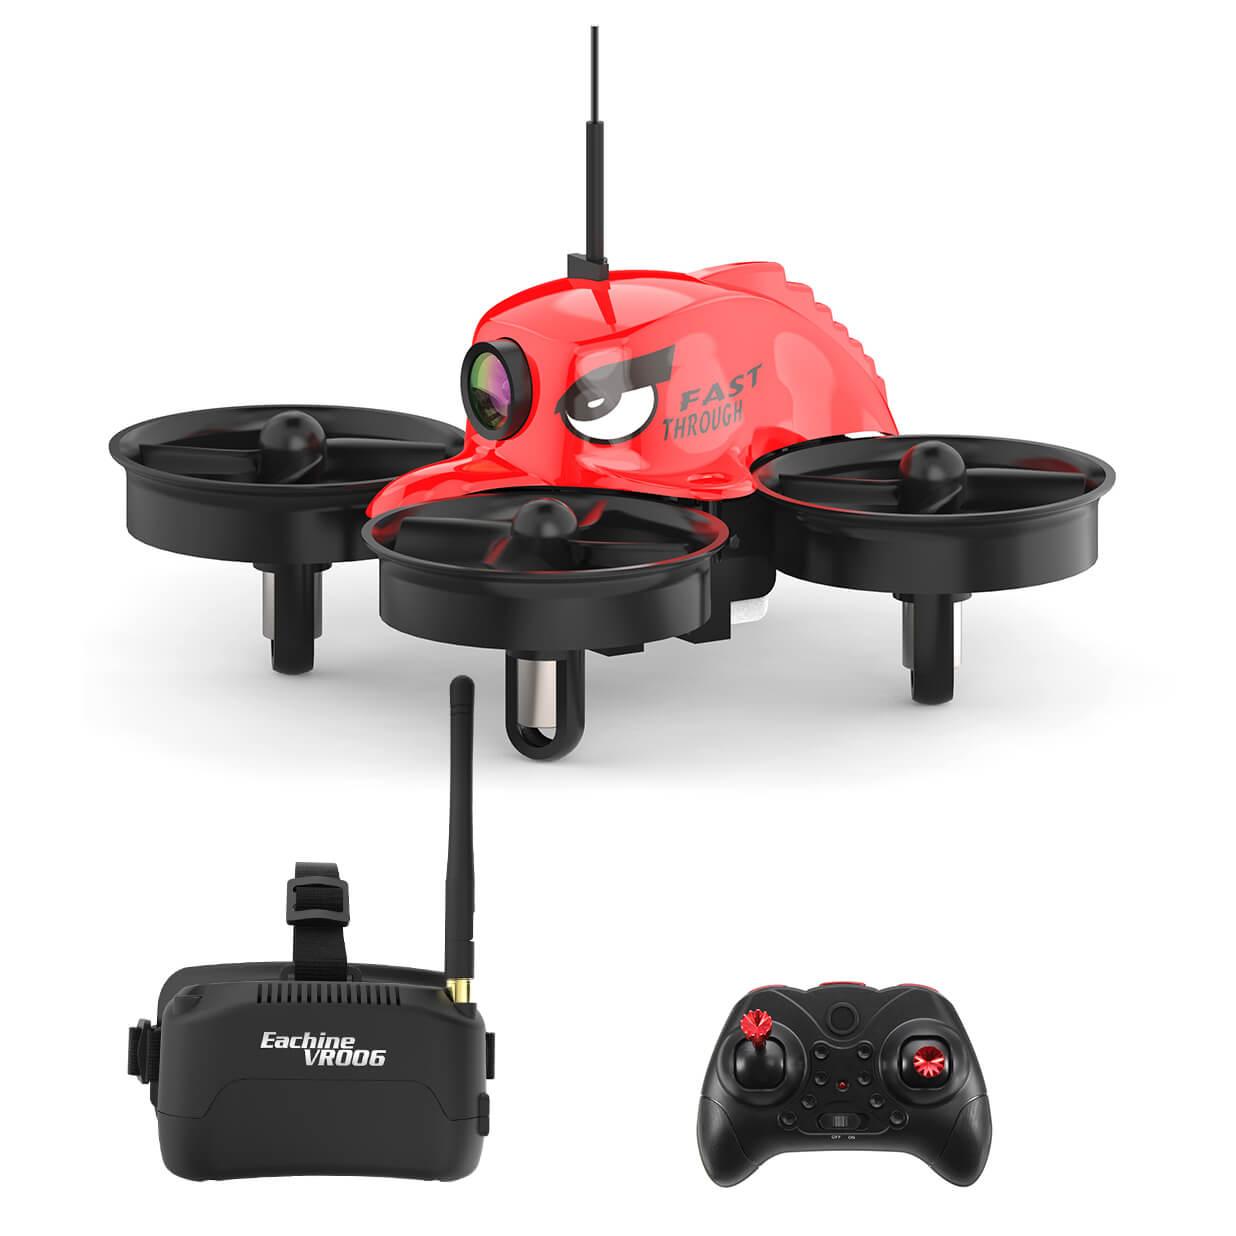 Eachine E013C Kit FPV Racing Drohne Drone FPVRacingDrone Goggles Remote FUnke Brille VR